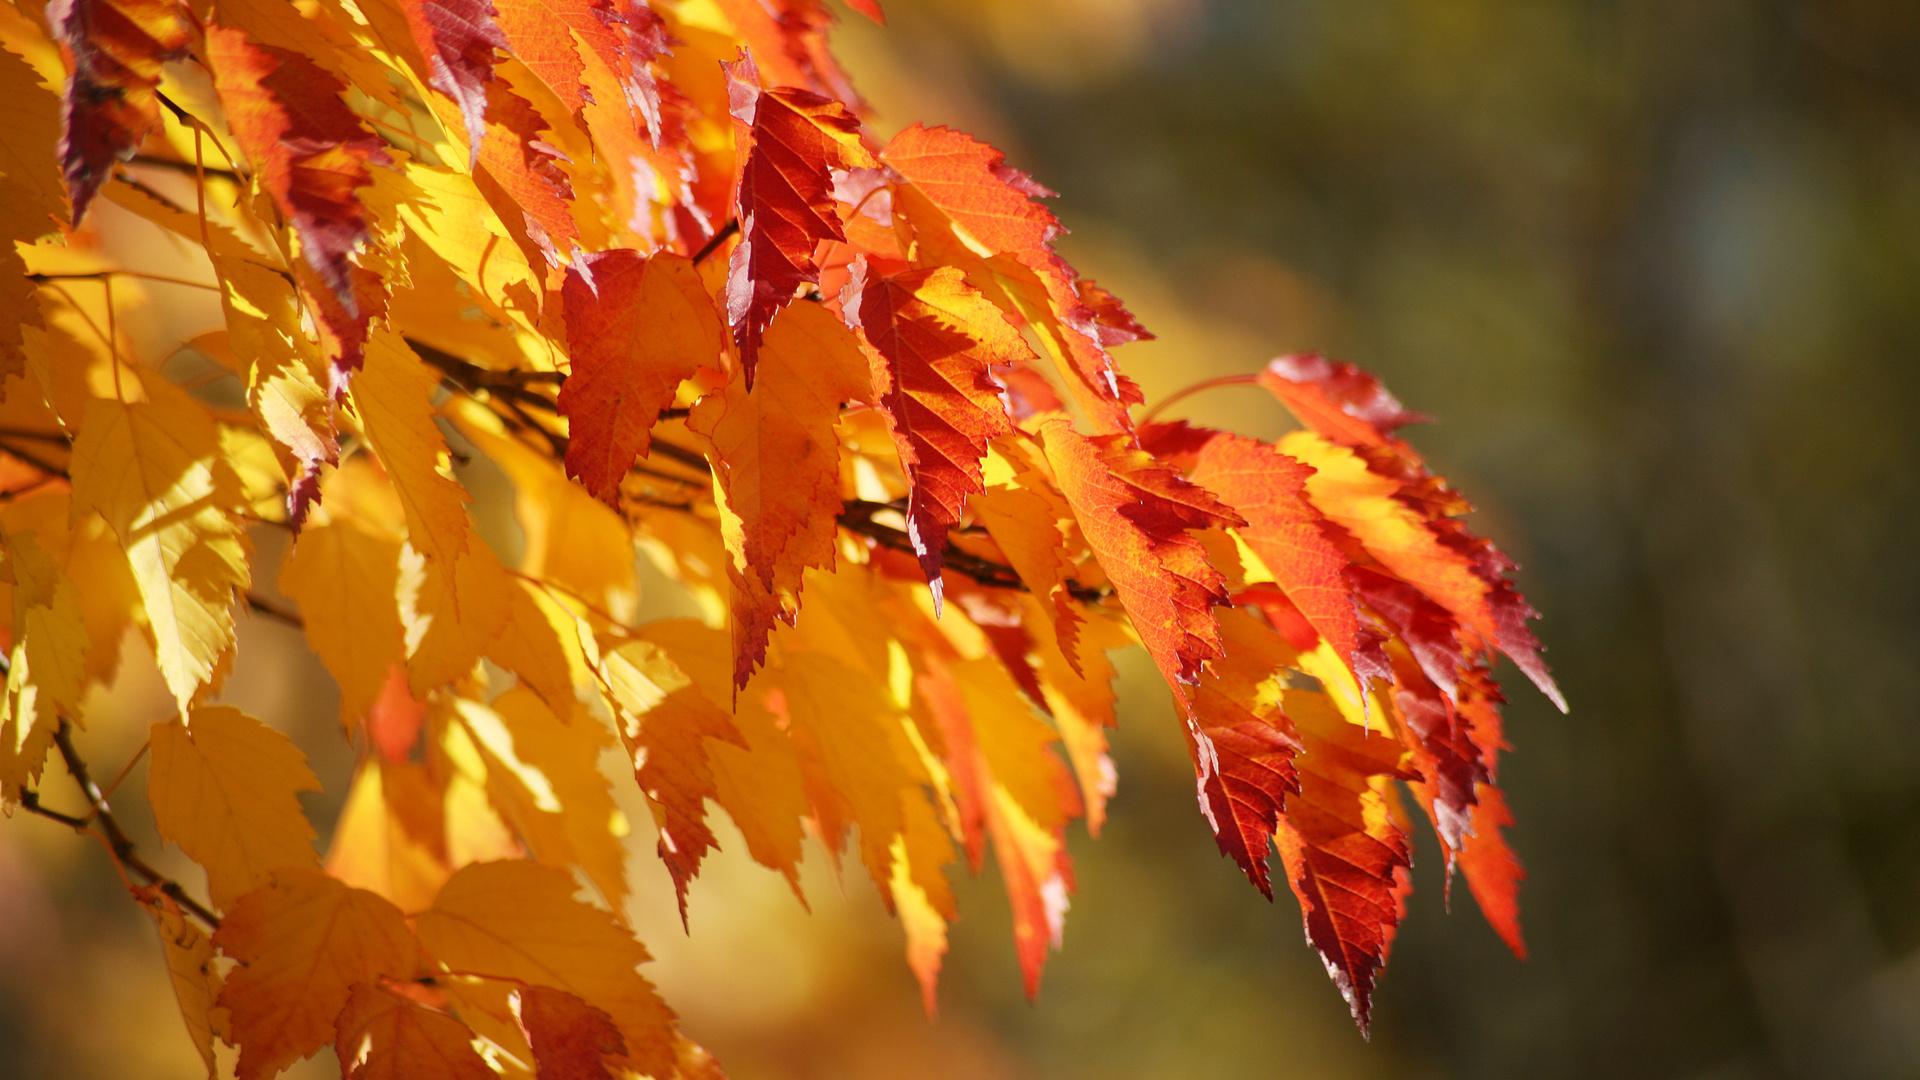 Лучшие картинки на рабочий стол широкоформатные осень наступила